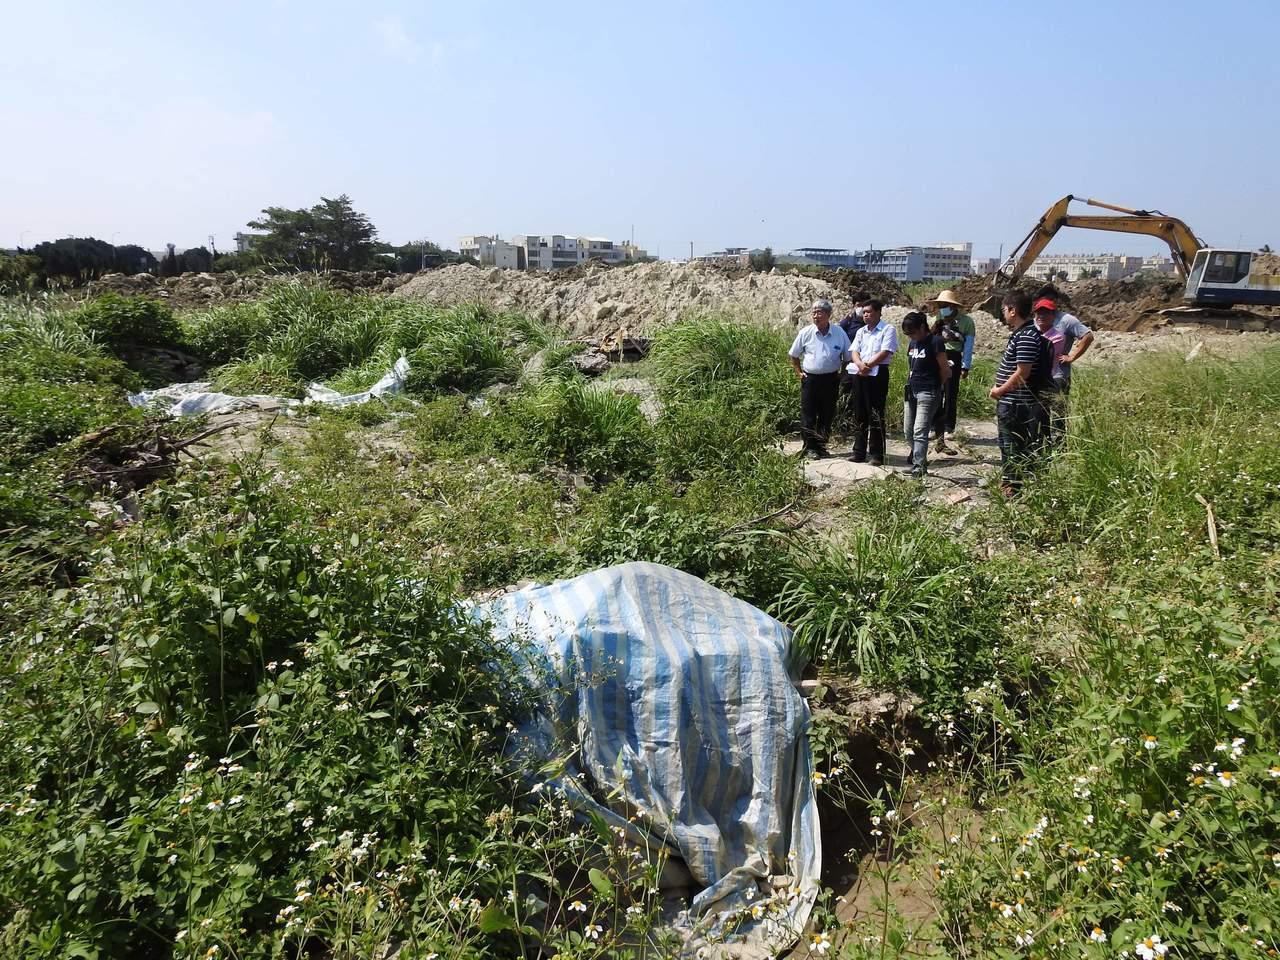 鹿港古墓群被嚴重破壞現場一片凌亂,到處可以撿到先人的陪葬品。圖/盧泰康提供